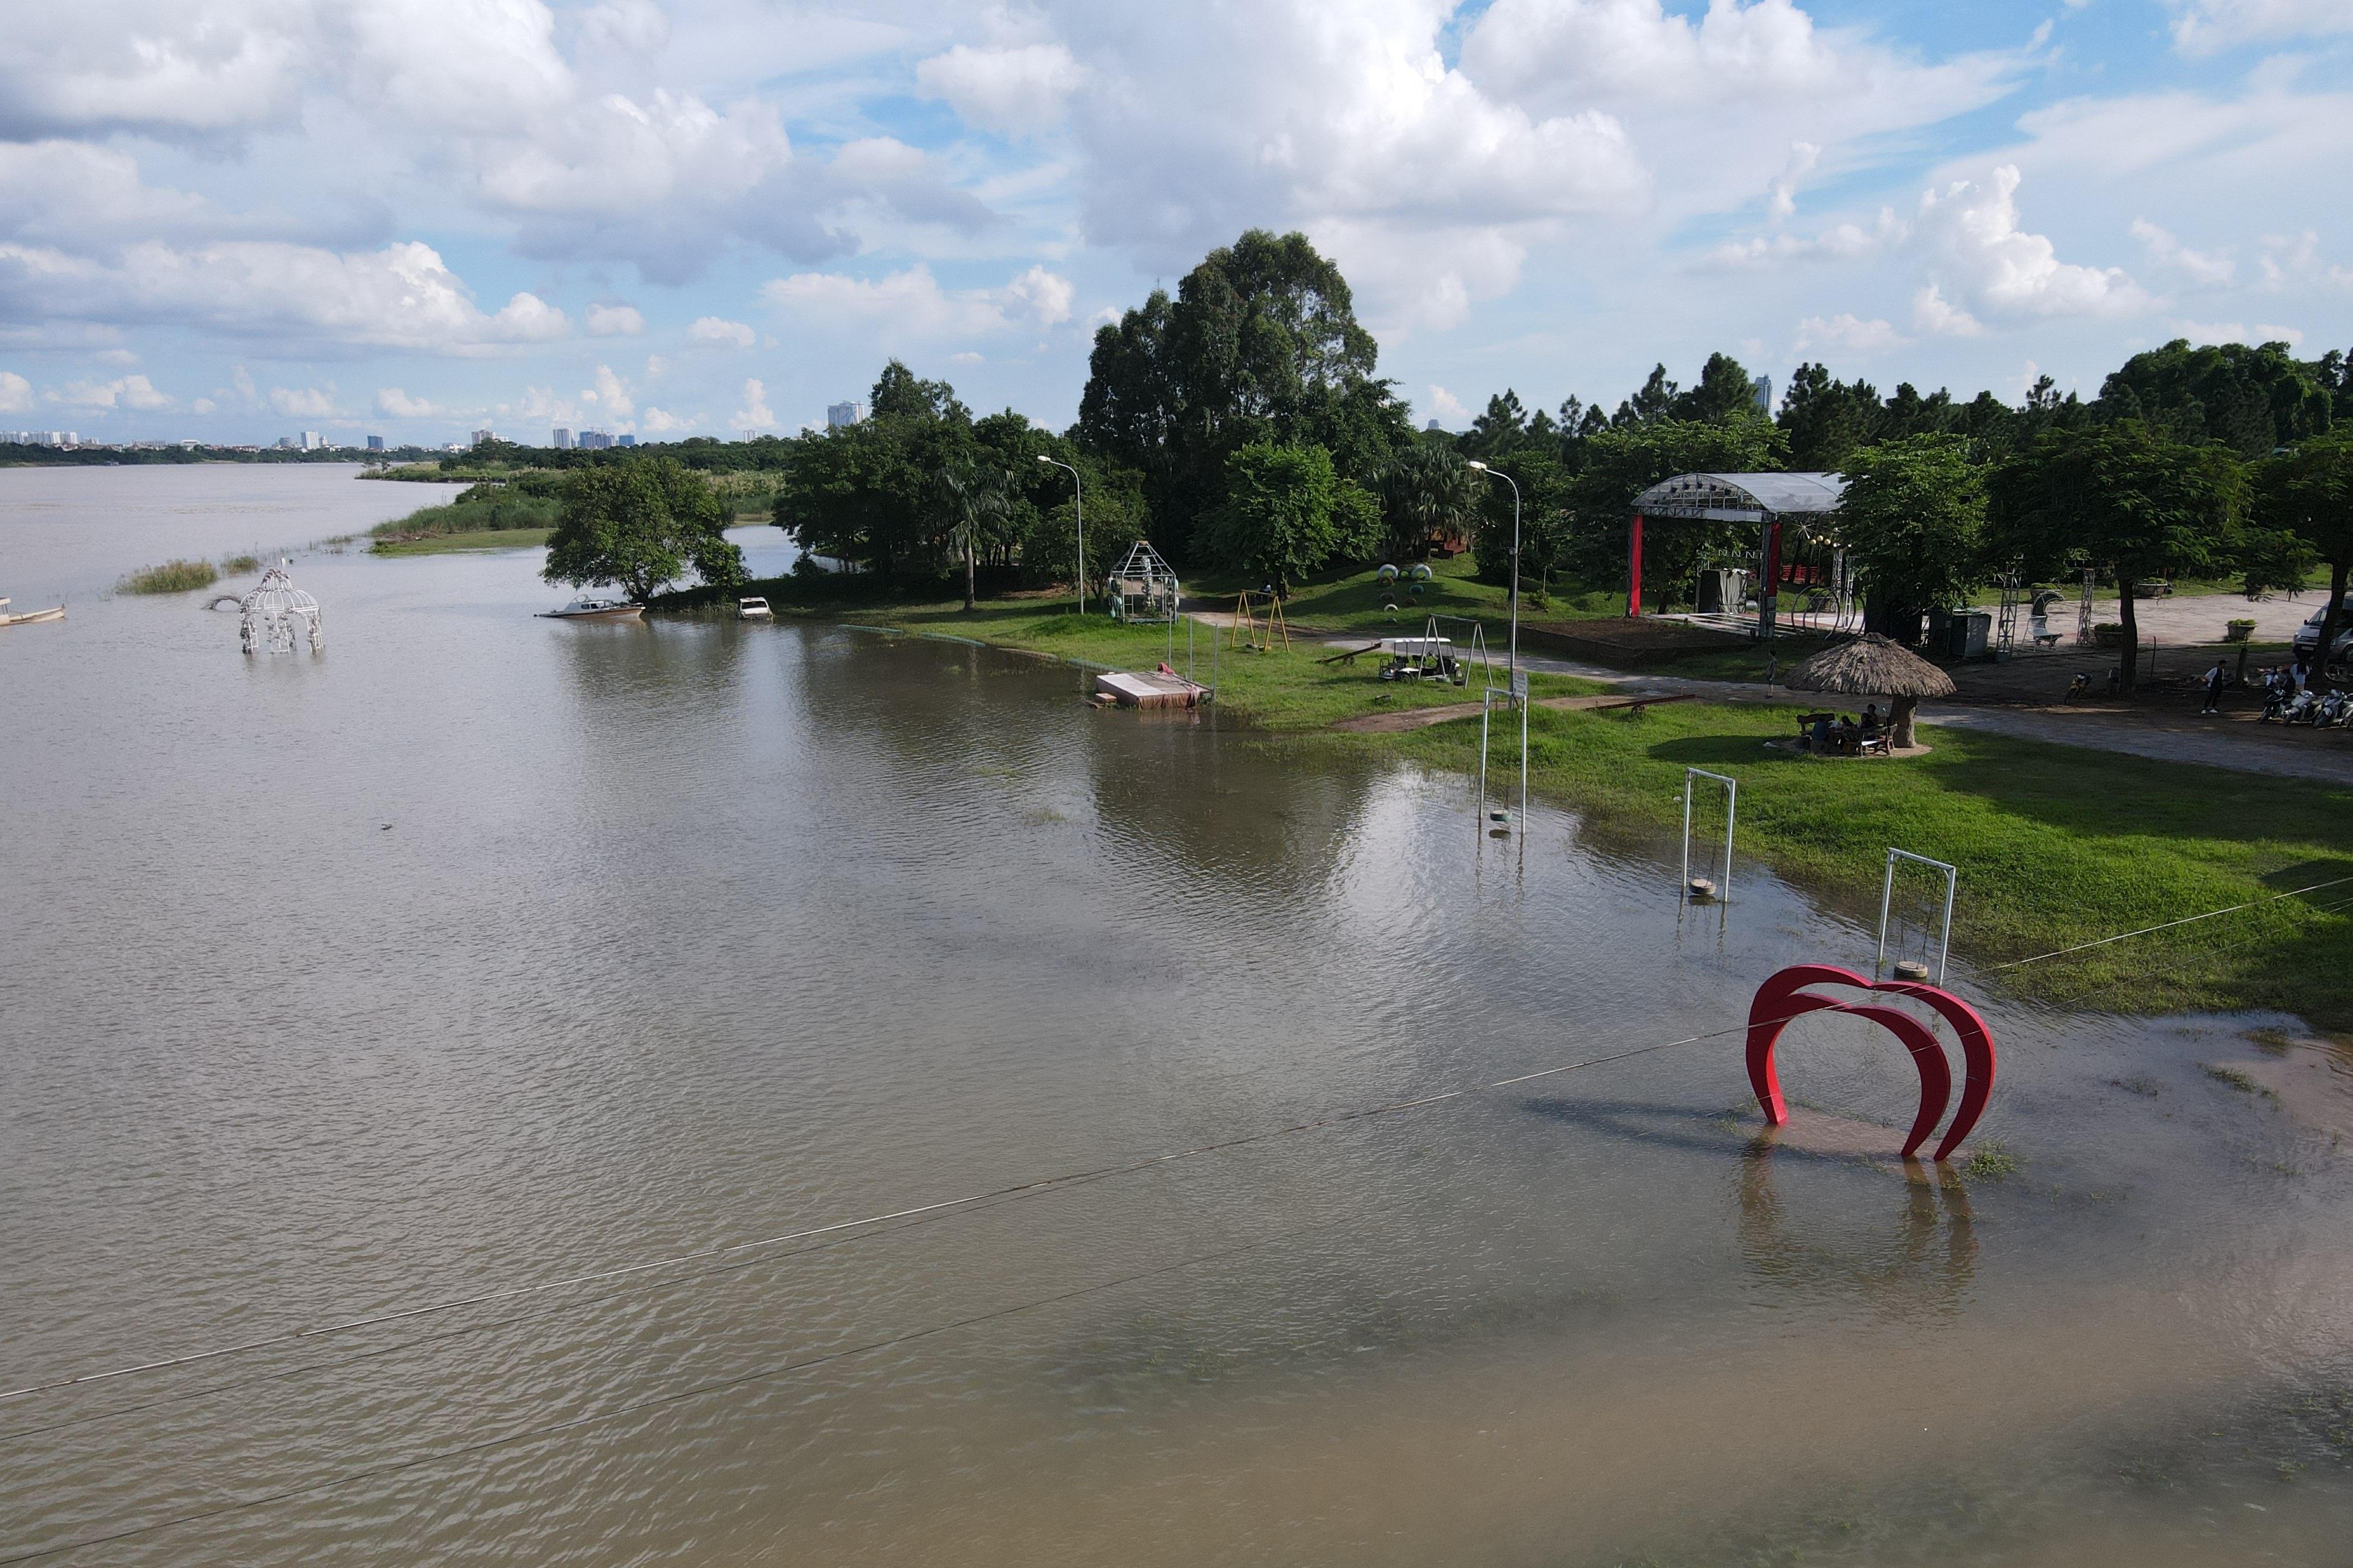 Cảnh hồ thủy điện xả lũ lớn, nước cuộn sóng nhấn chìm bãi giữa sông Hồng - 16